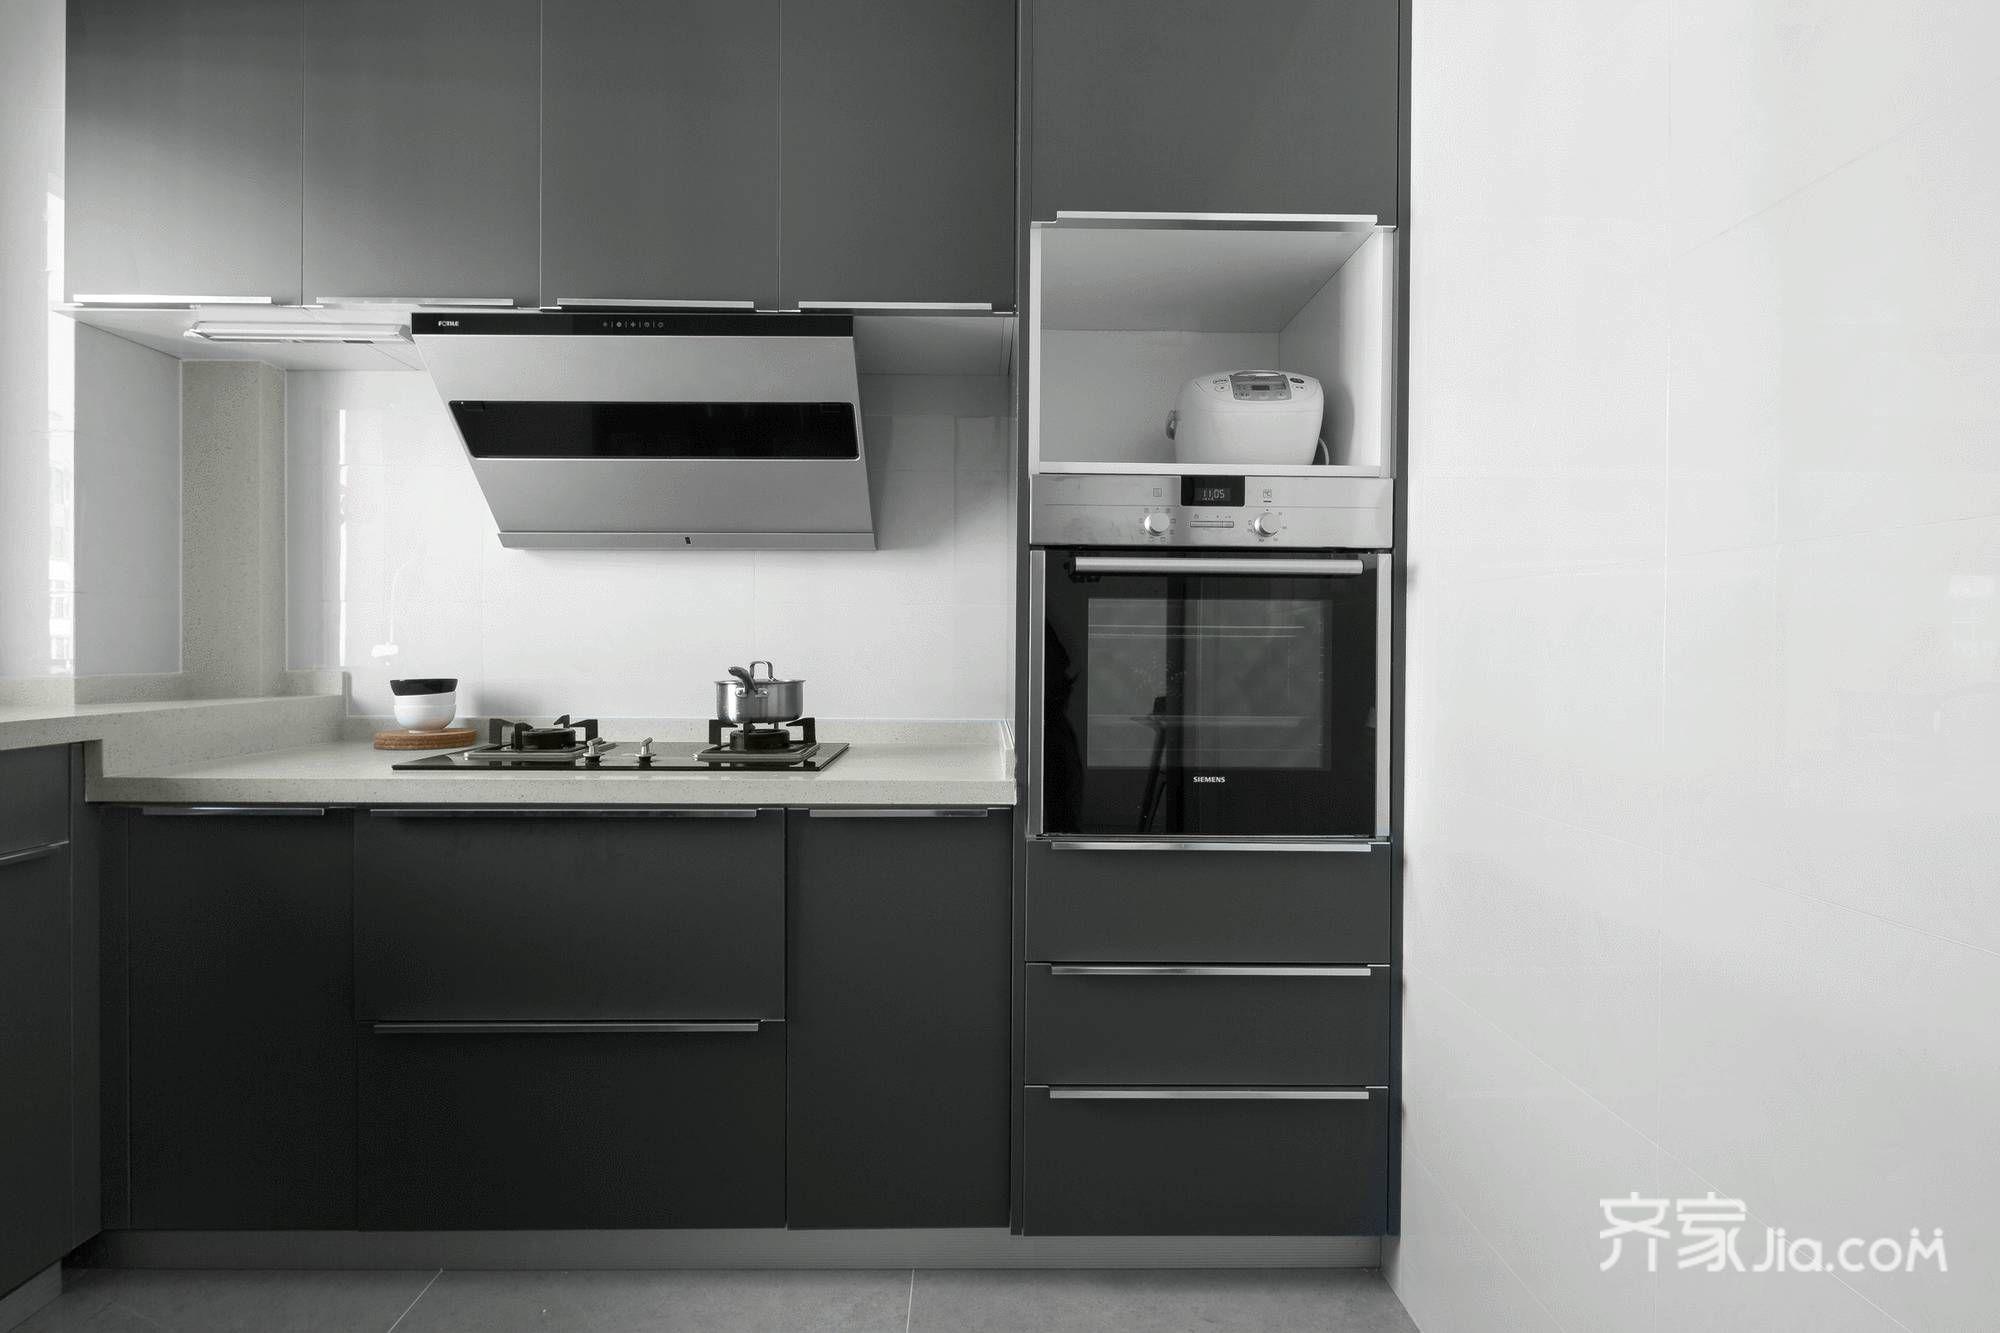 118平现代风格三居厨房装修效果图